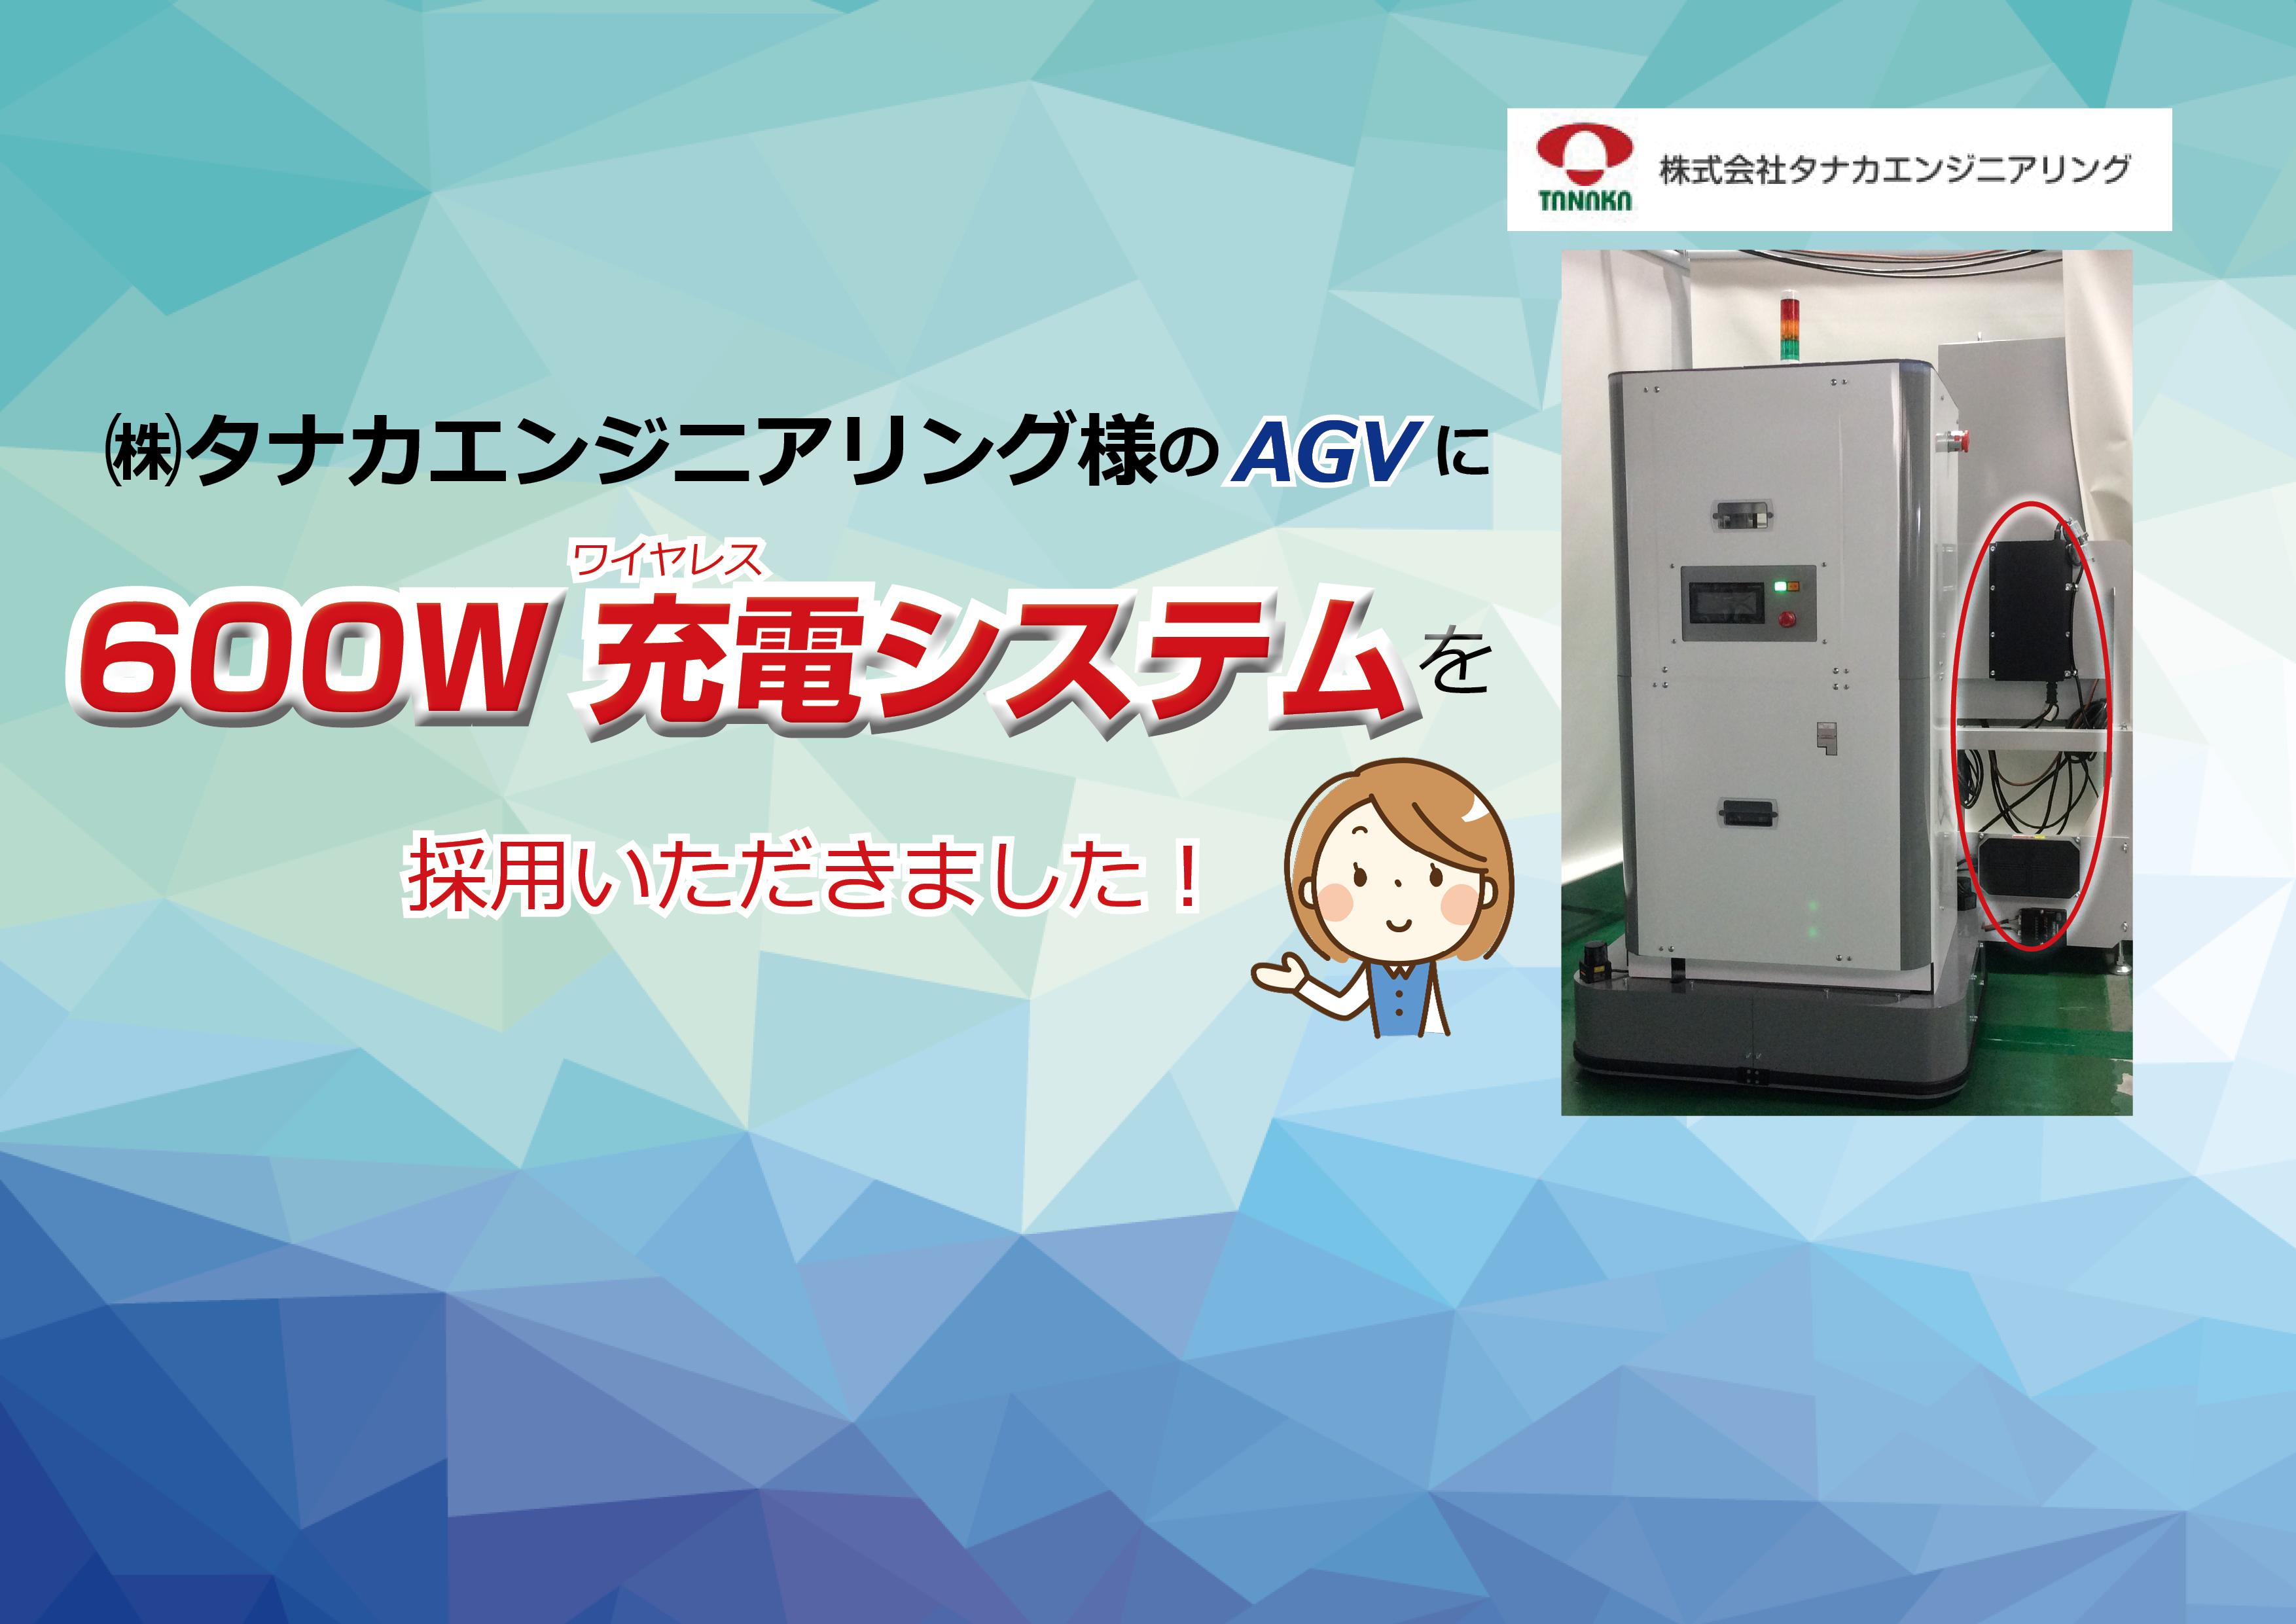 【導入事例】㈱タナカエンジニアリング様のAGV×600Wワイヤレス充電システム